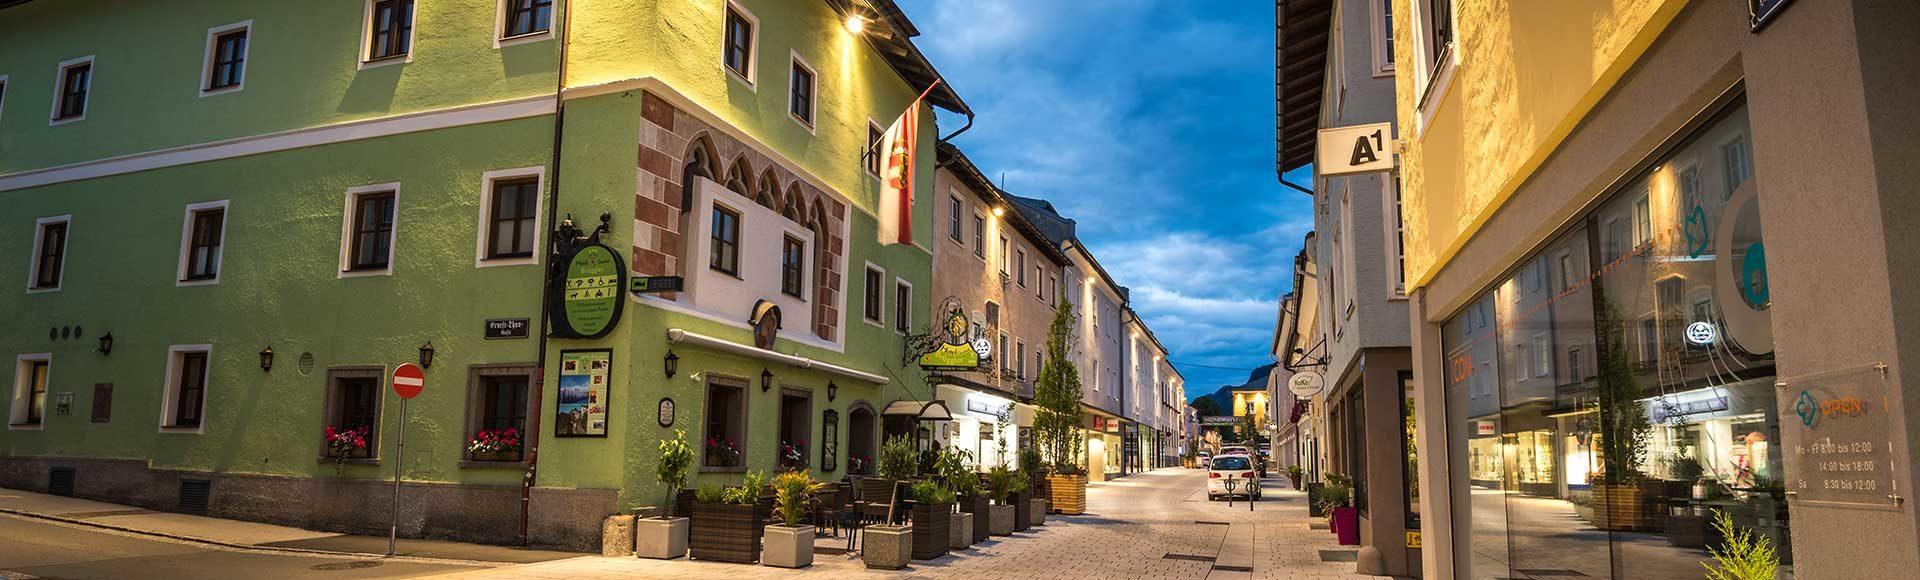 Webcam Tourismusverband Radstadt Lorenz Masser 1